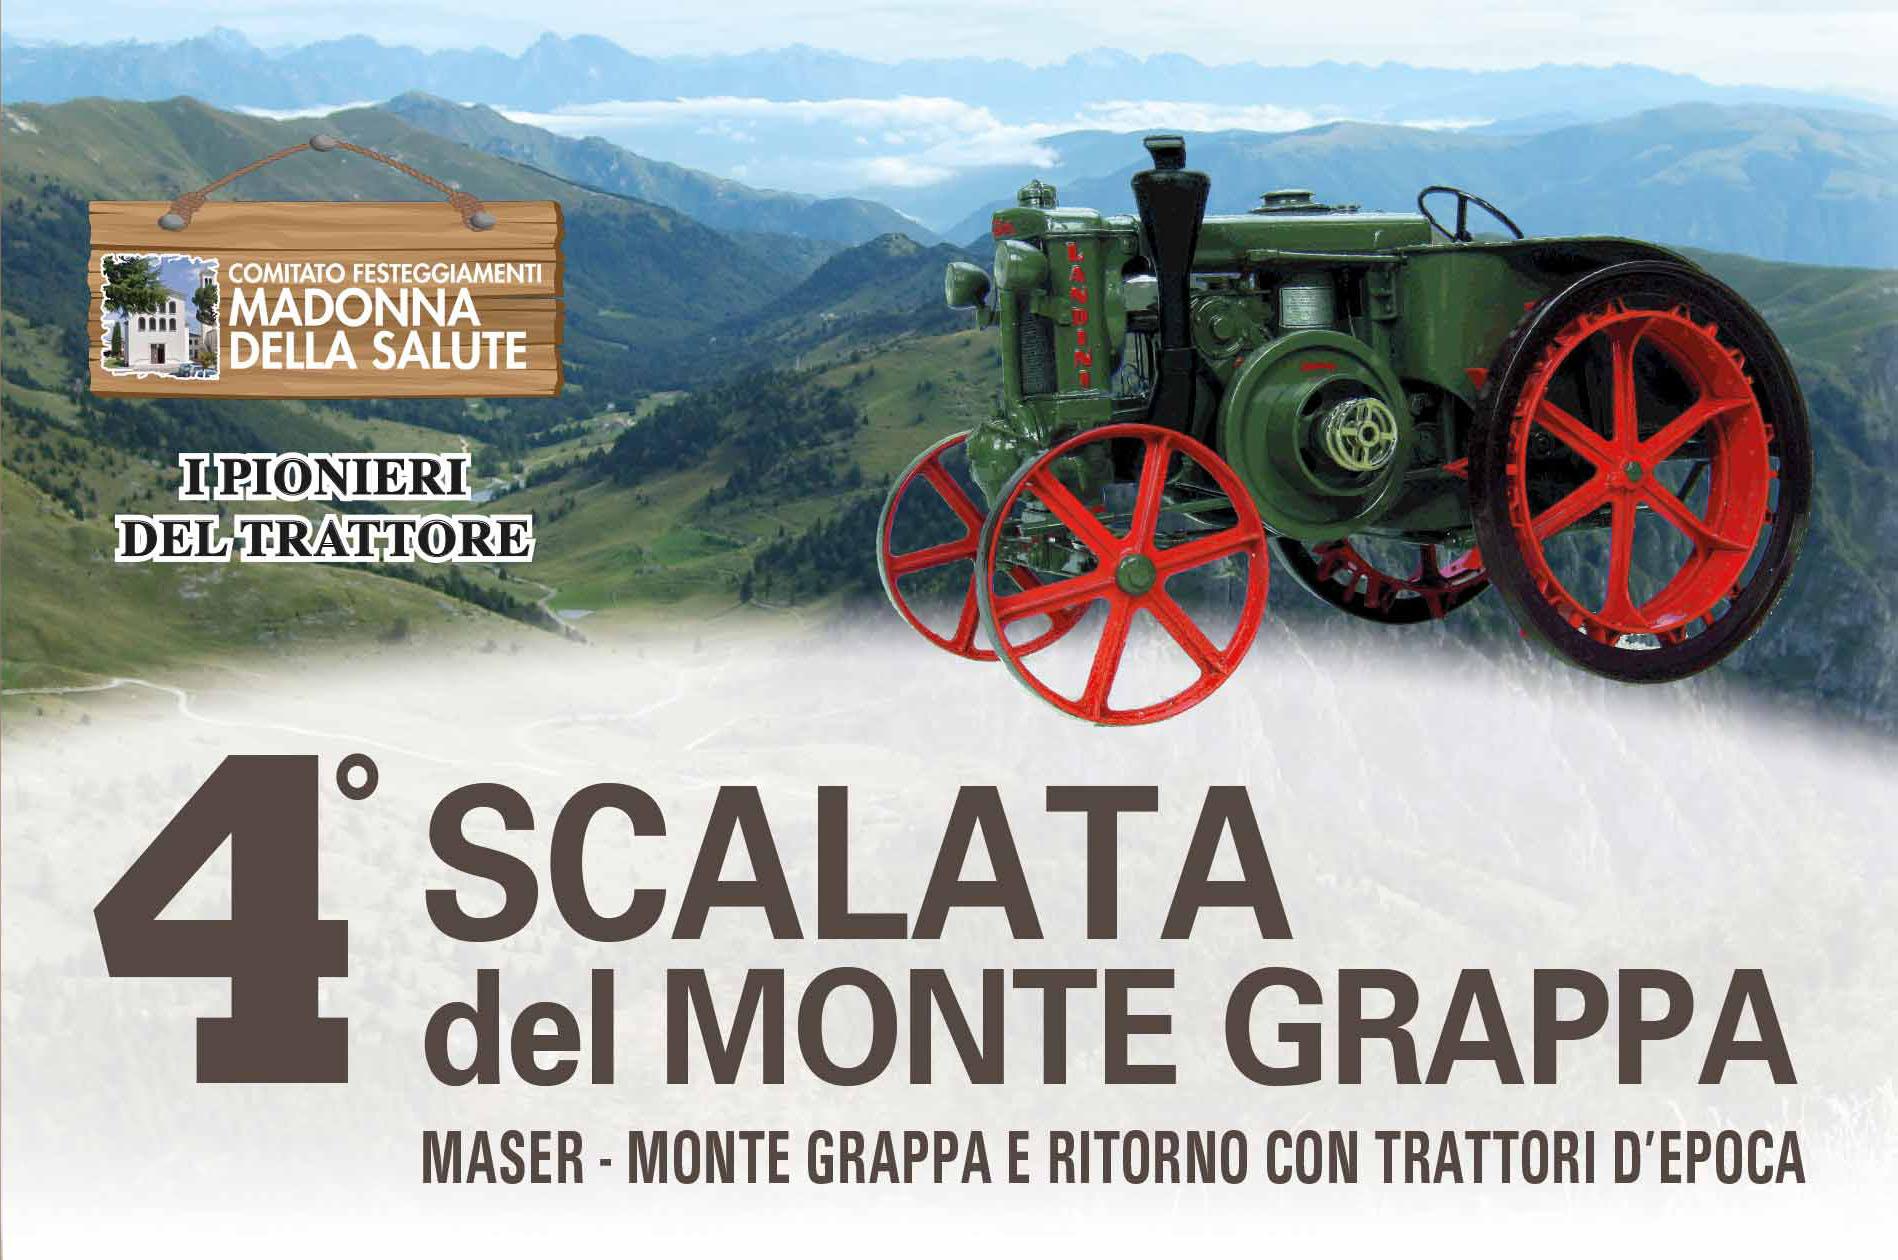 Calendario Manifestazioni Trattori D Epoca.4 Scalata Del Monte Grappa Comitato Mds